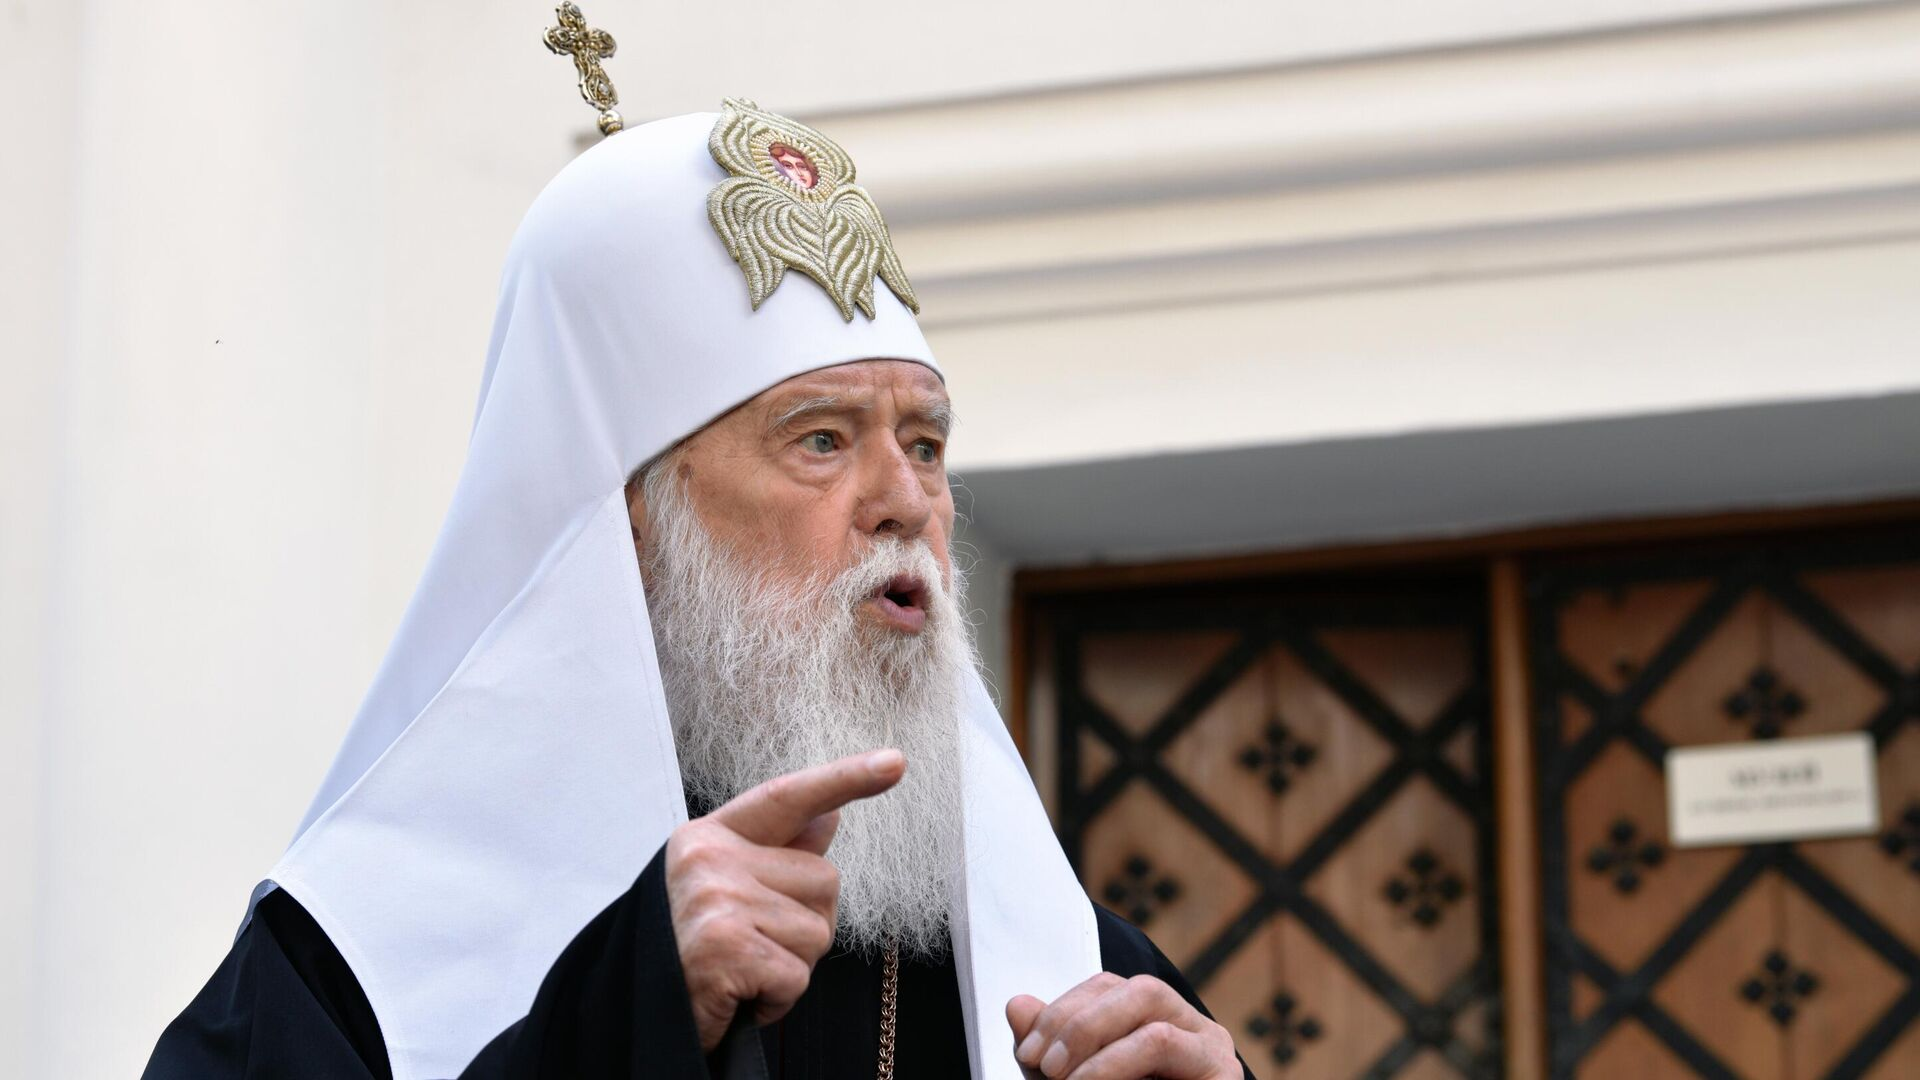 Заседание синода Православной церкви Украины - РИА Новости, 1920, 16.09.2020